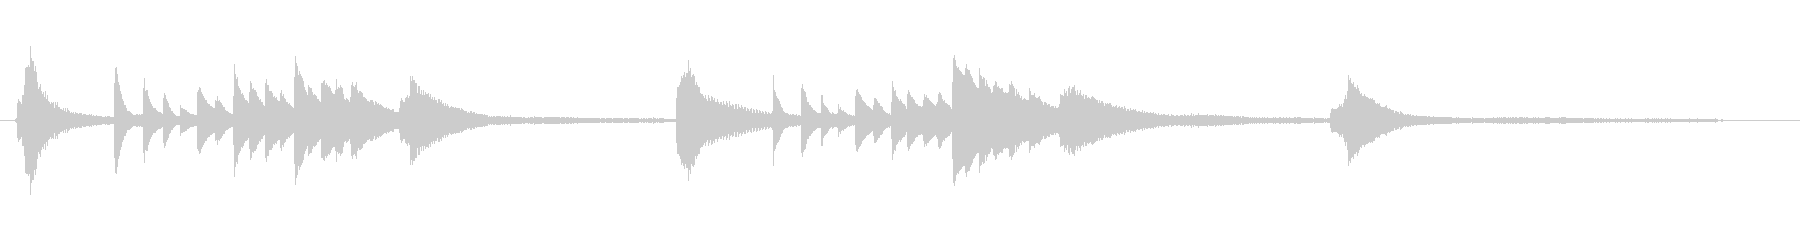 ピアノの幻想的なジングルの未再生の波形